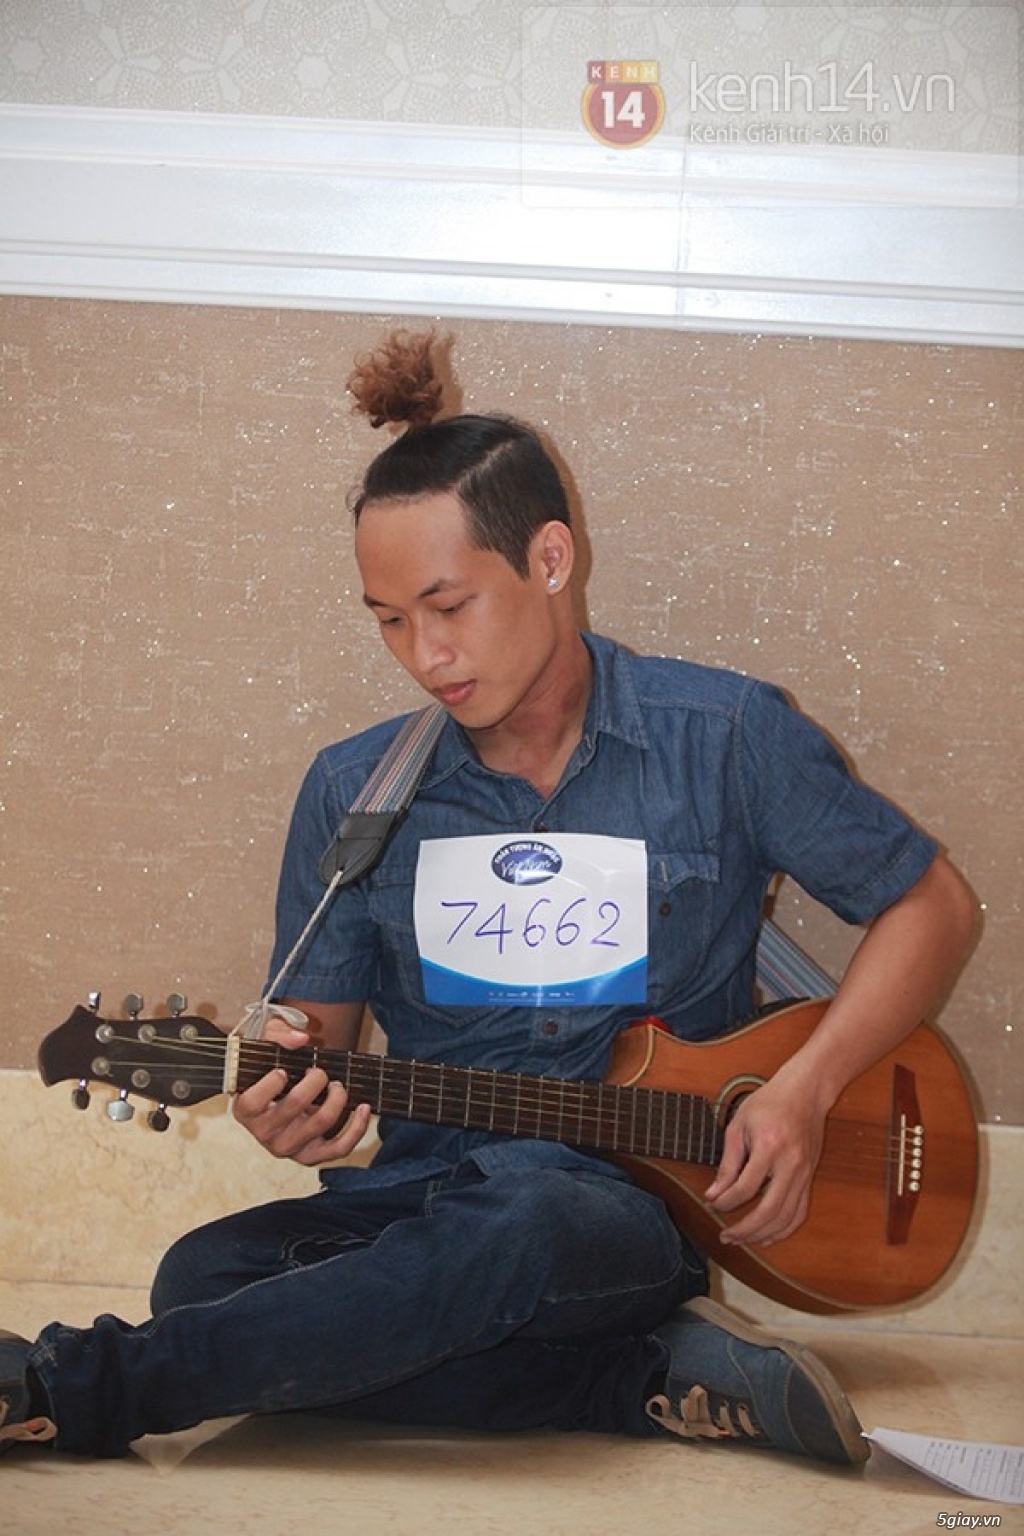 Dạy guitar đệm hát (modern) cơ bản ở Gò Vấp (đặc biệt có dạy và bán guitar tay trái) - 4